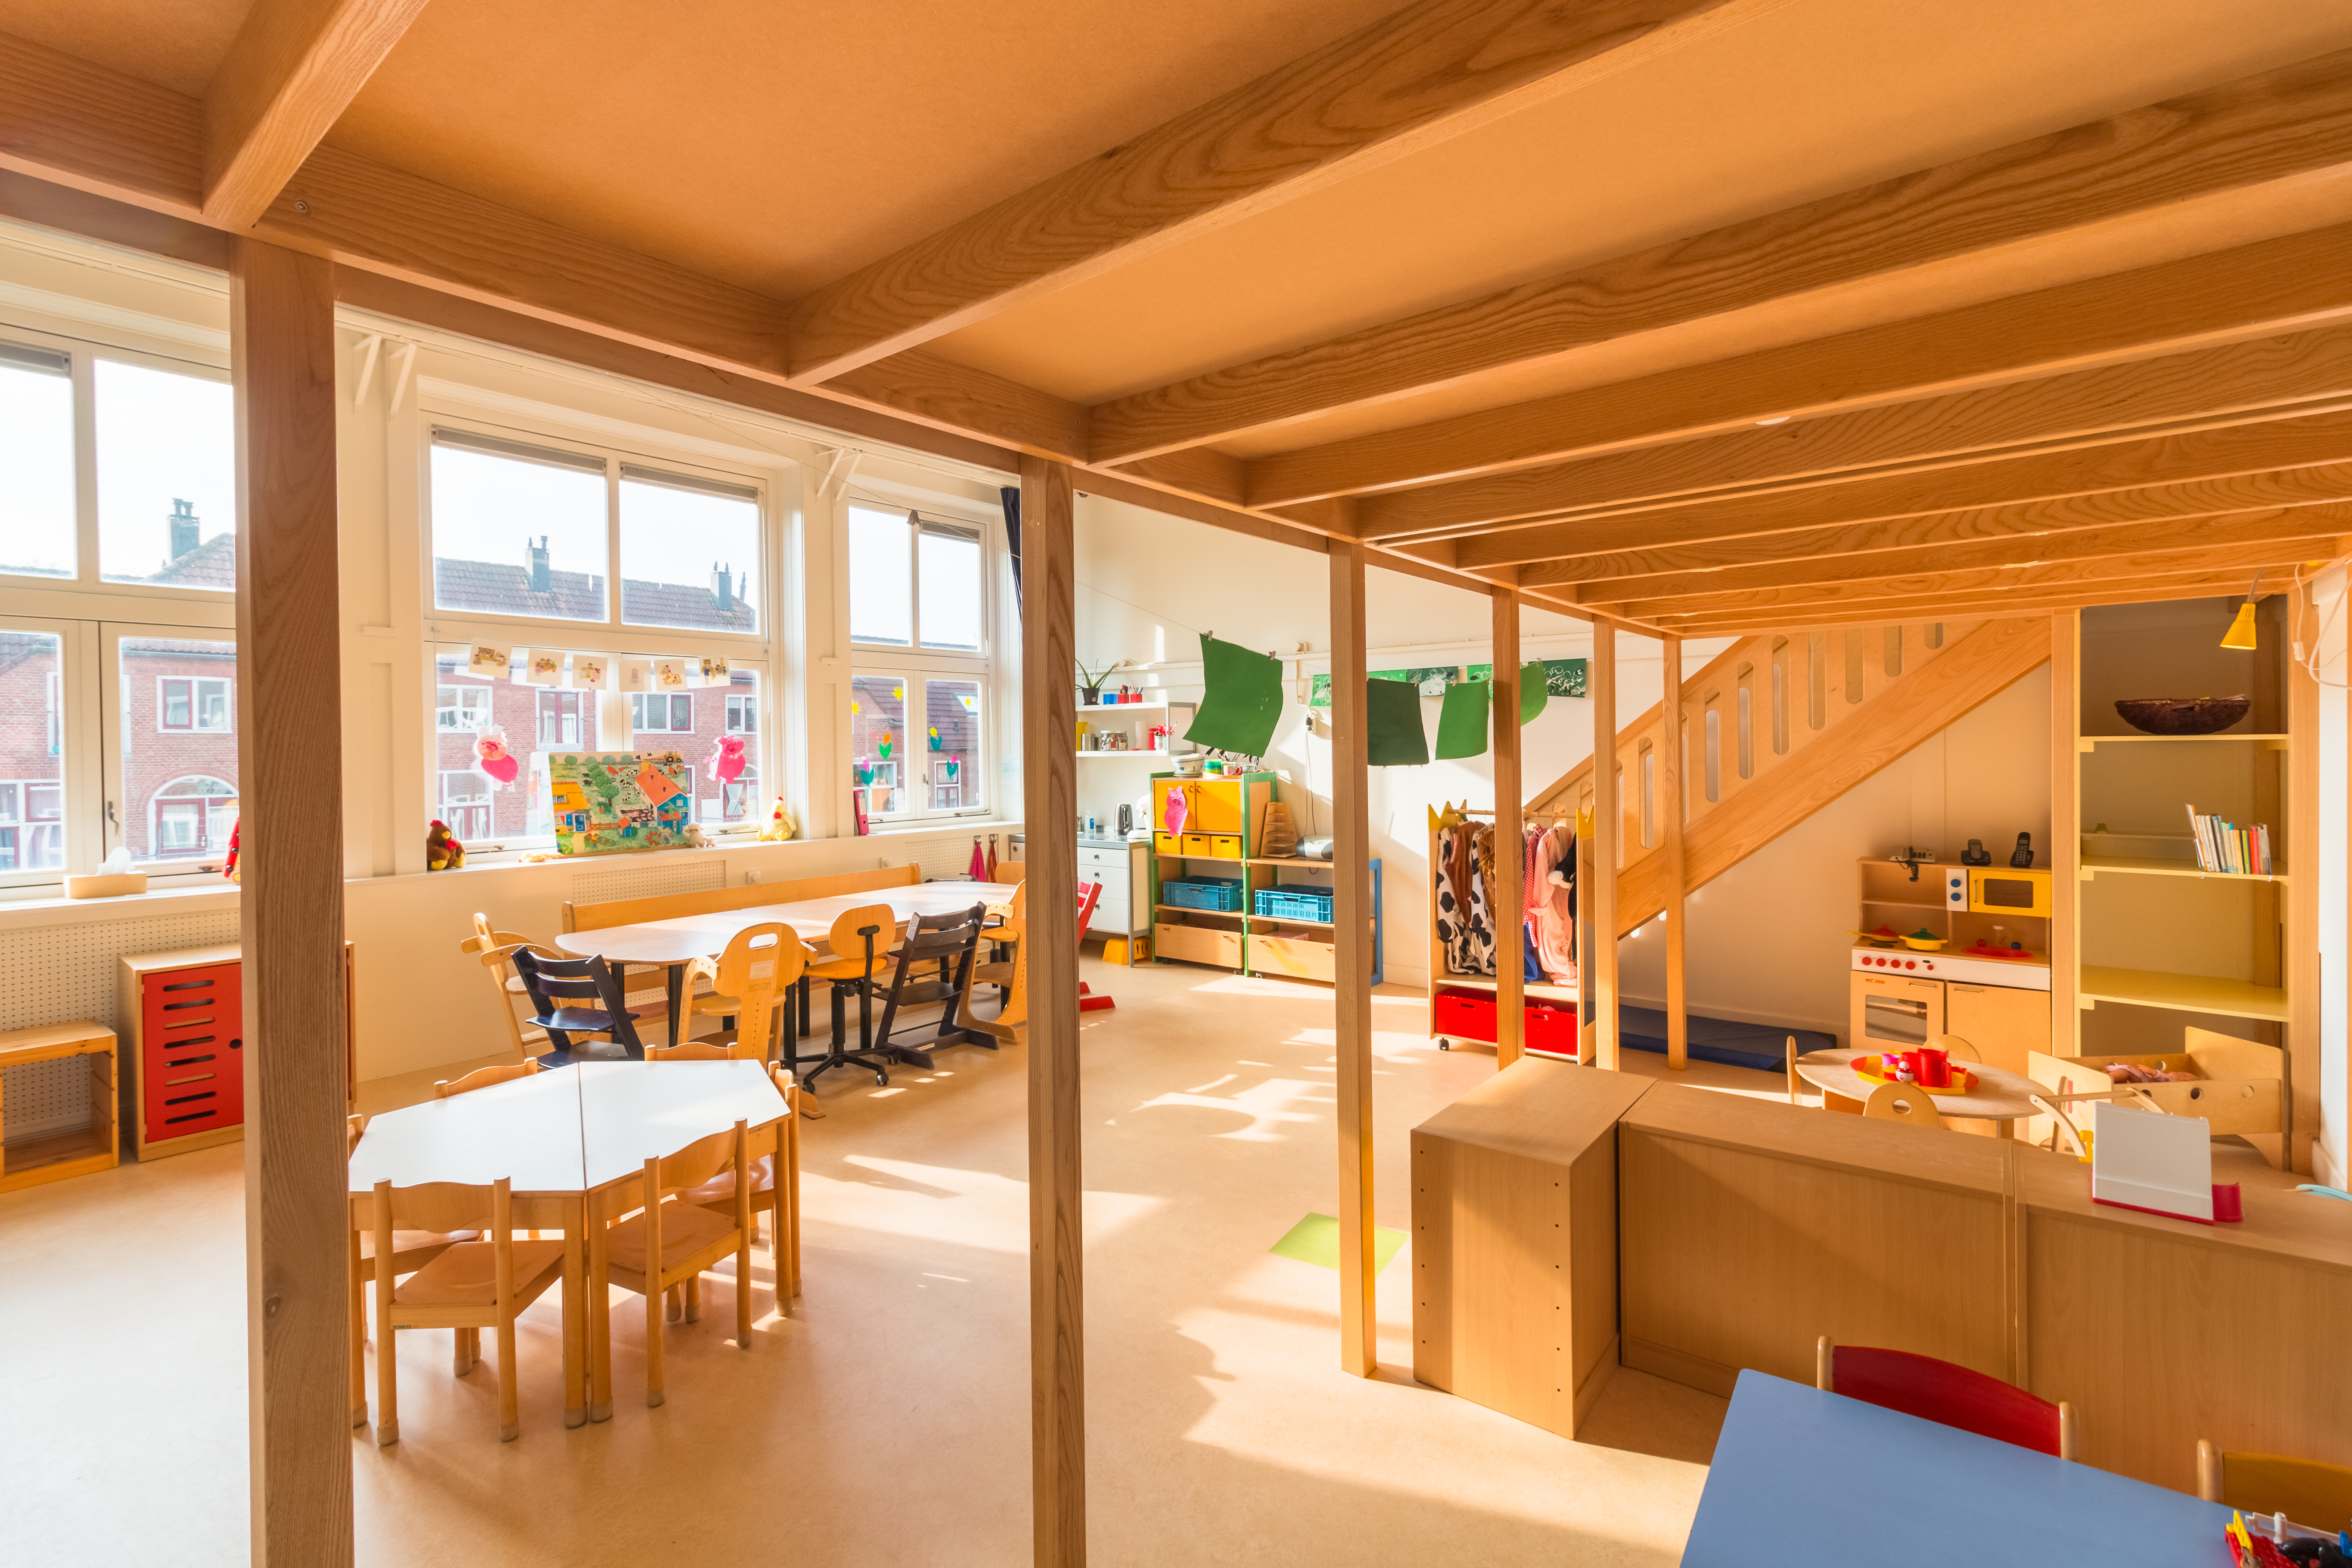 Lutje Potje Peuteropvang Groningen lokaal - Kids First COP Groep